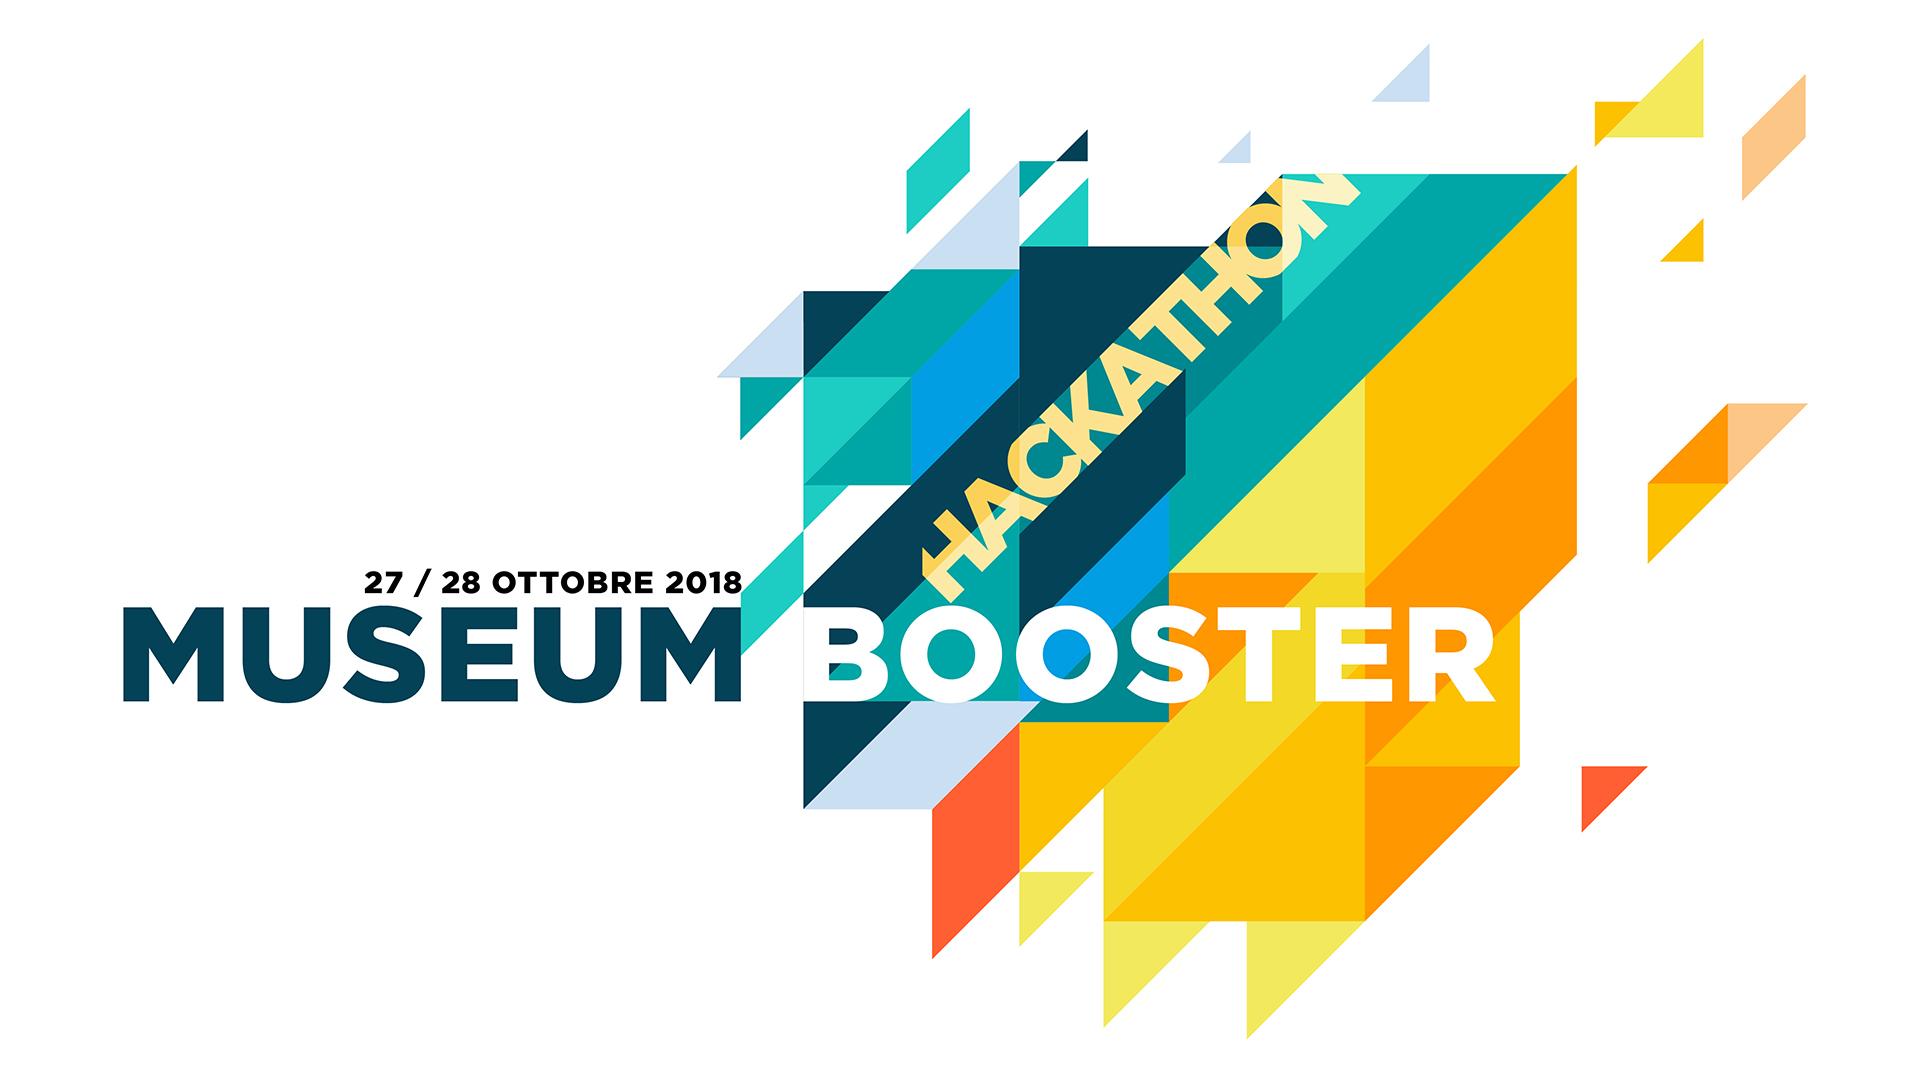 Al MAXXI di Roma via alla seconda edizione di Museum Booster, maratona digitale per i musei